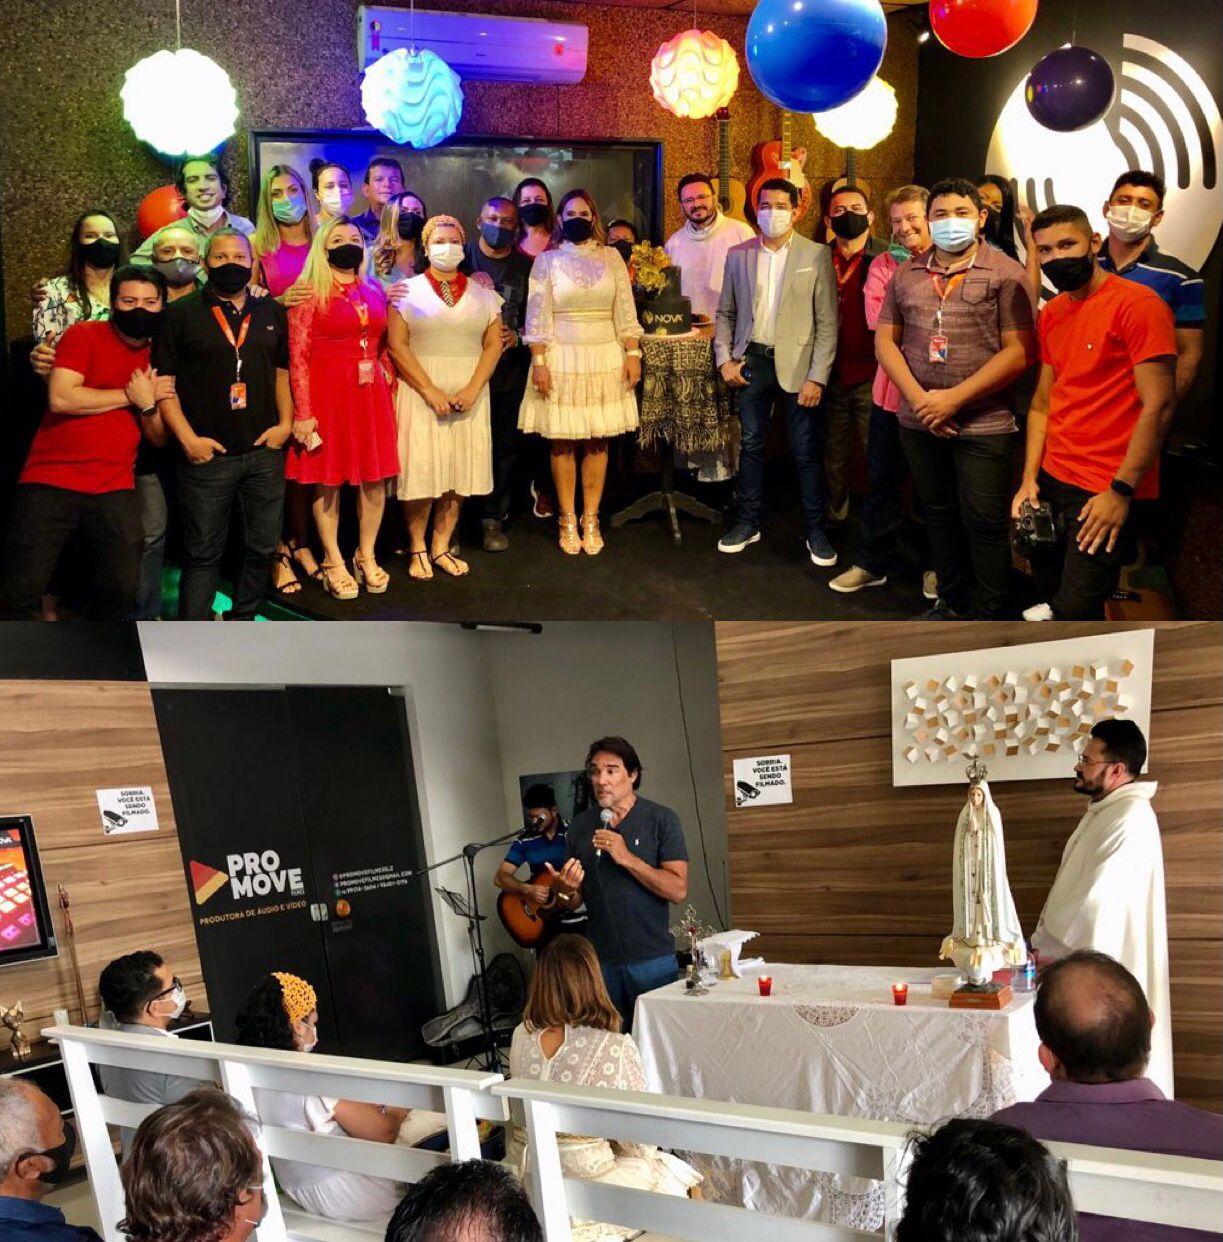 Lobão Filho e Paulinha Lobão comemoram aniversário da Rádio Nova FM 93.1